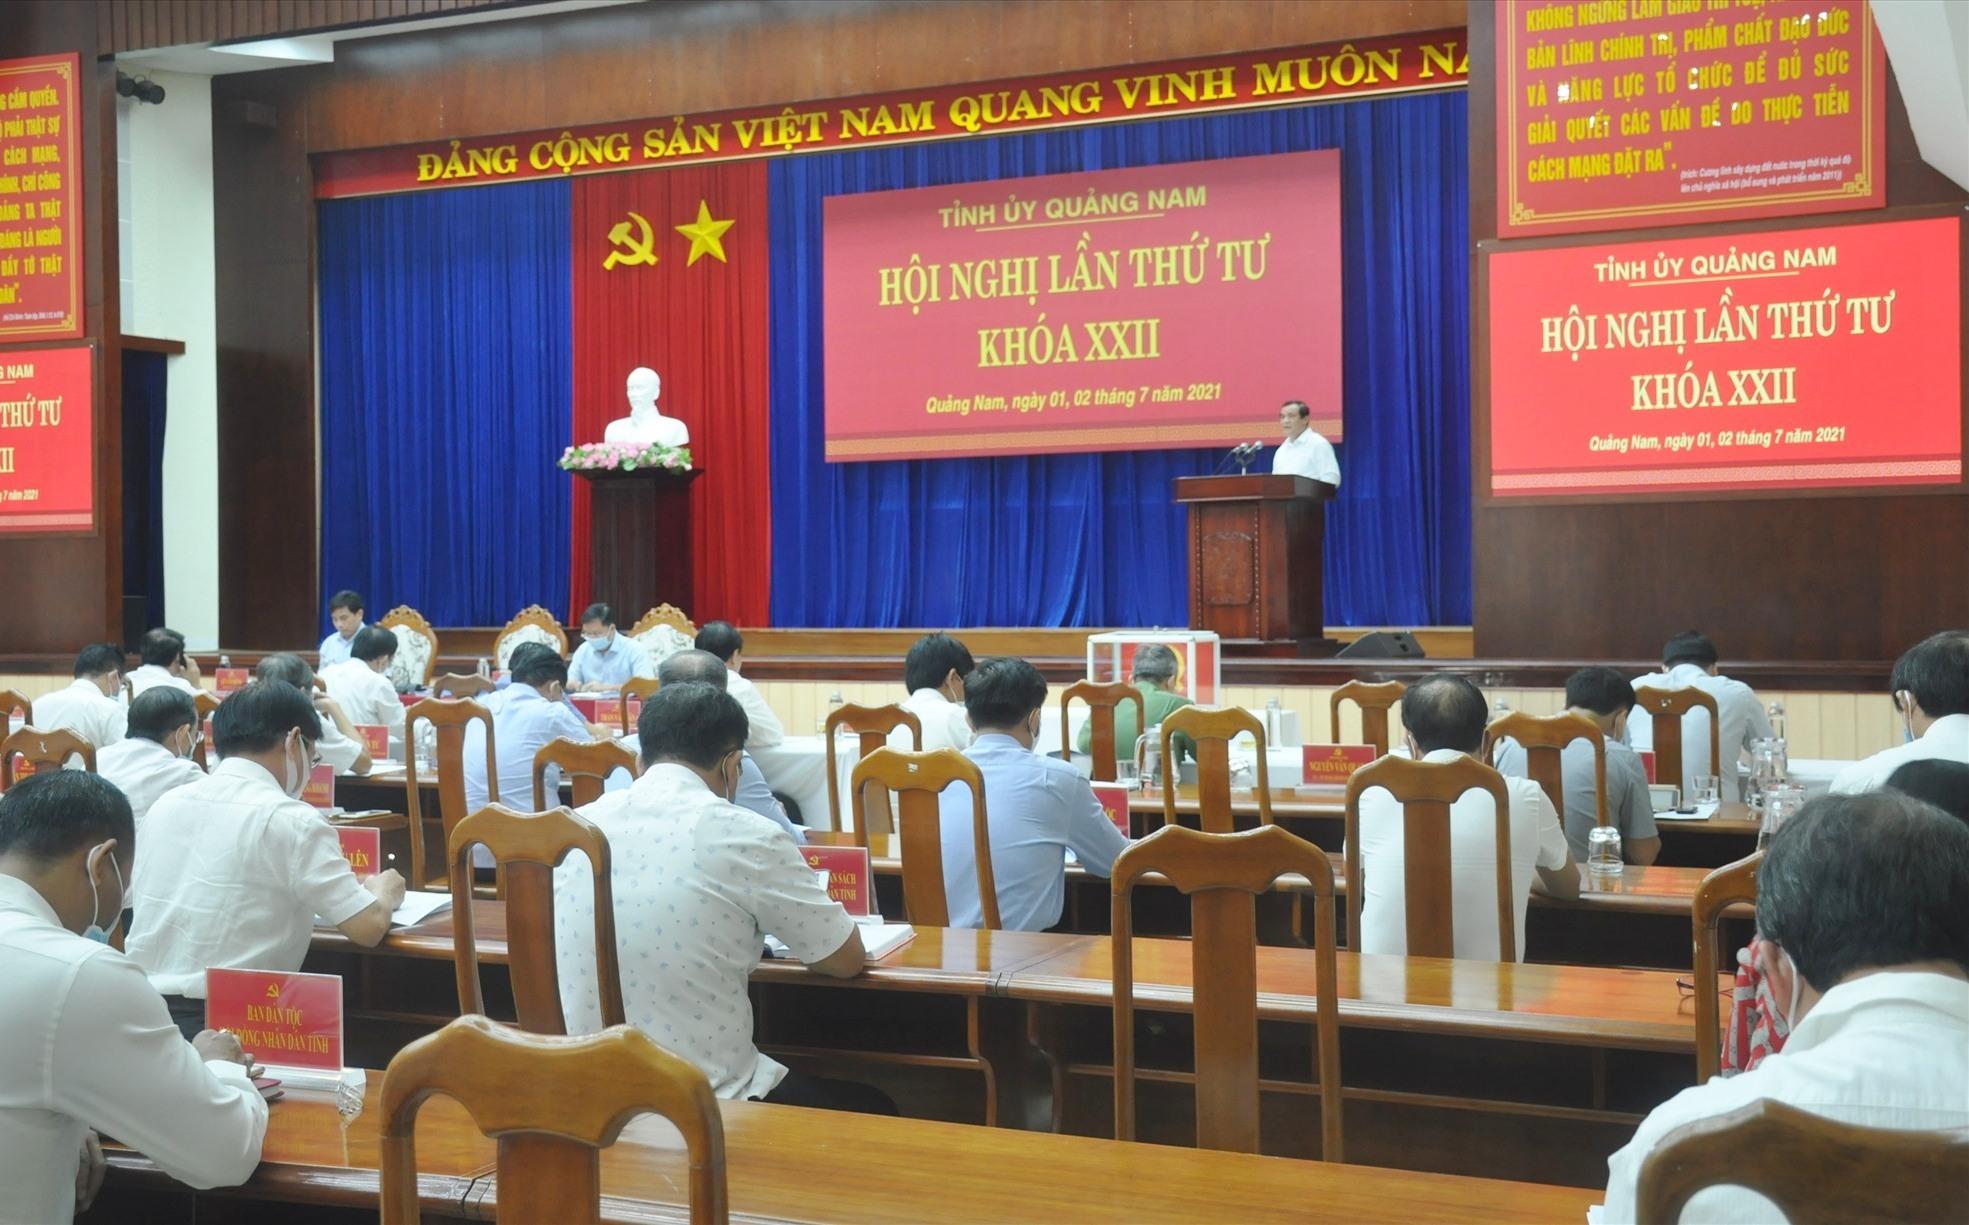 Quang cảnh hội nghị Tỉnh ủy sáng 1.7. Ảnh: N.Đ